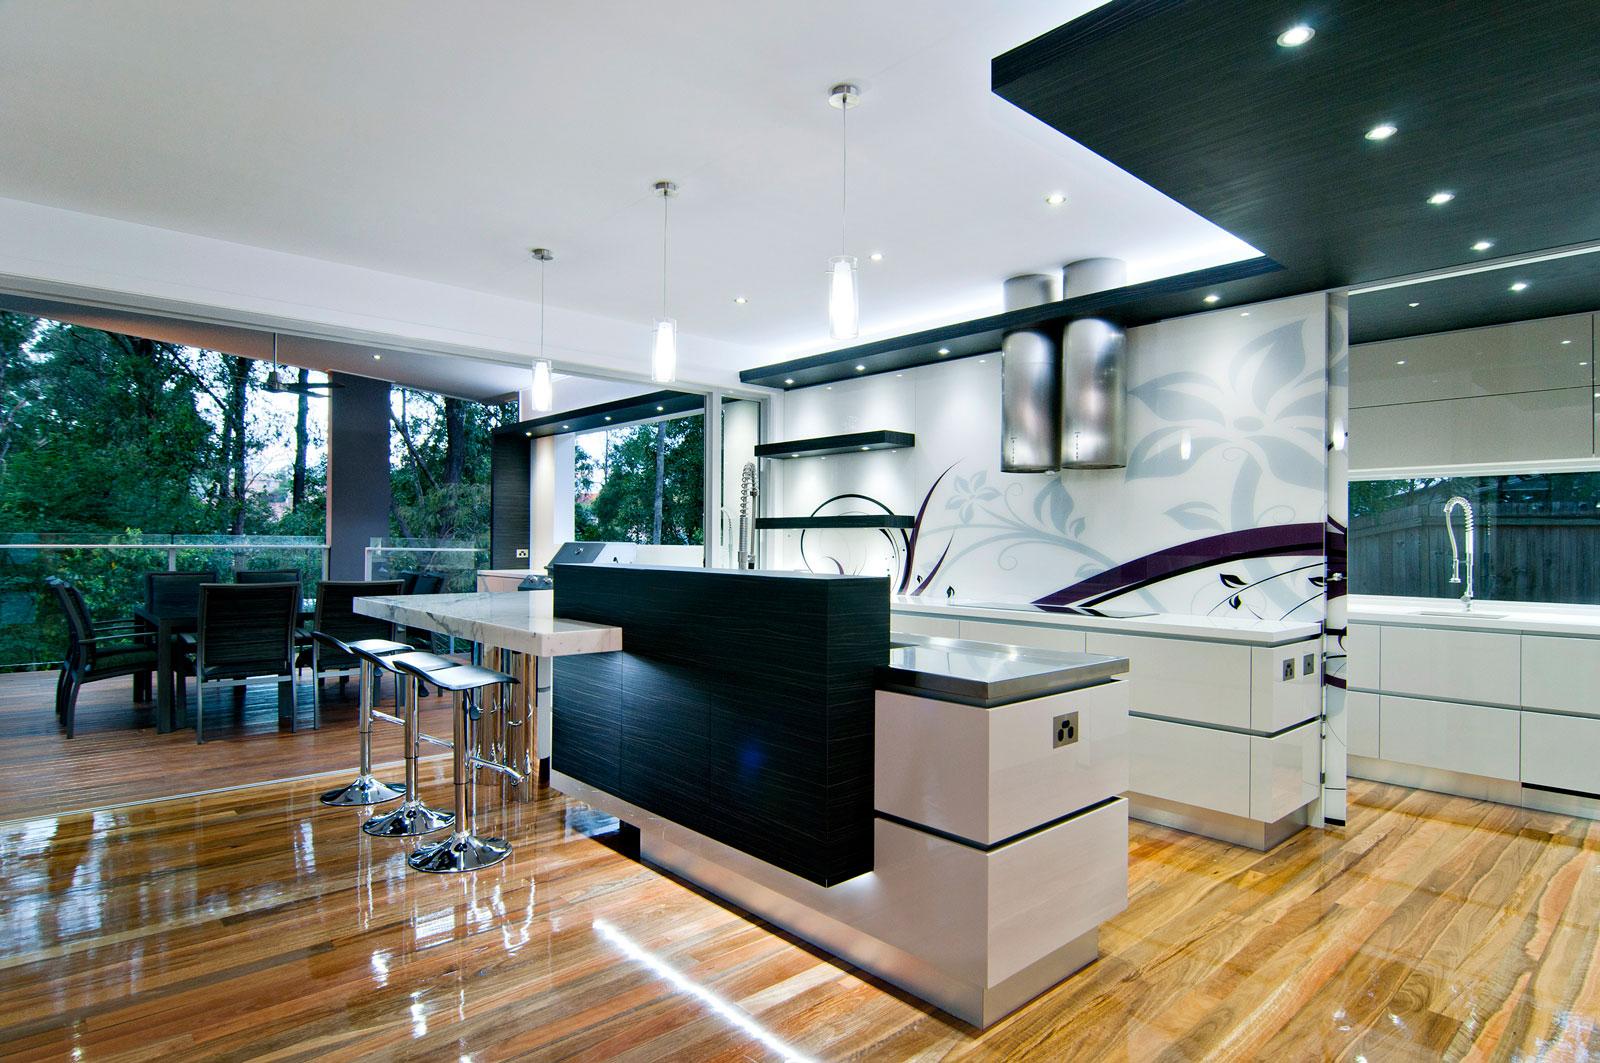 Современный дизайн белой кухни Bushland Retreat в стиле роскошного минимализма